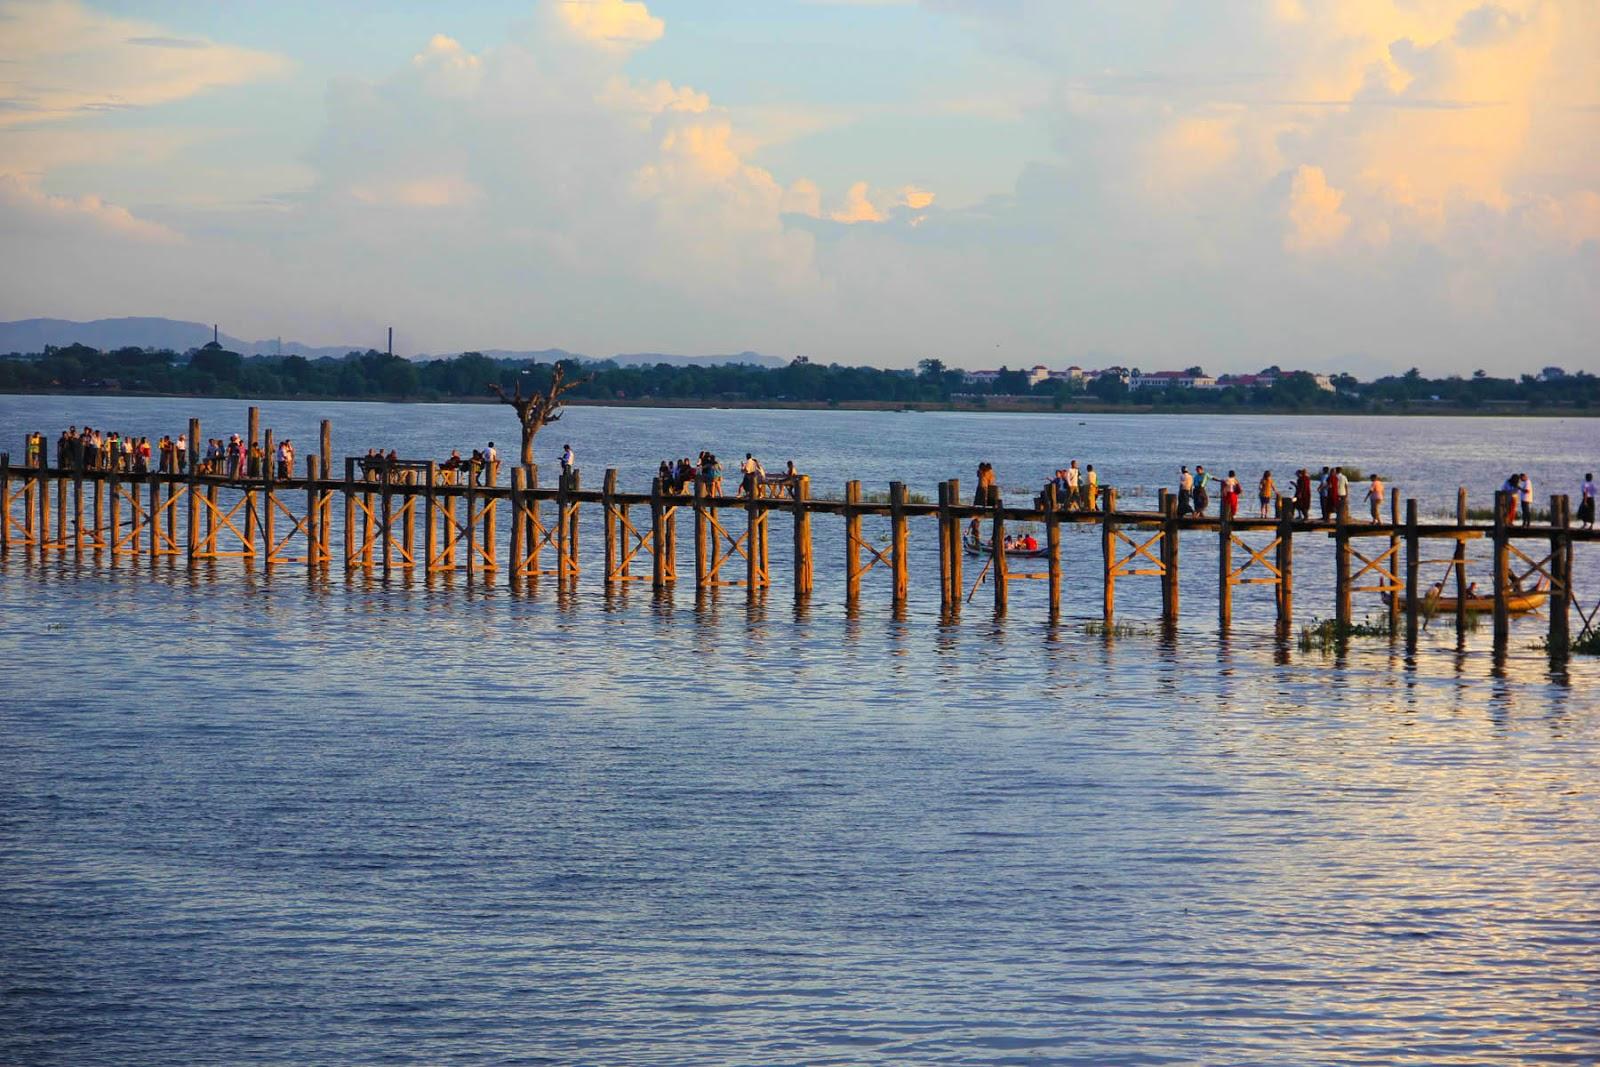 cosas que hacer en birmania, birmania, cosas que hacer, mandalay, shwedagon, asia, tourism, turismo, viaje, viajar, trip, travel, takemysecrets